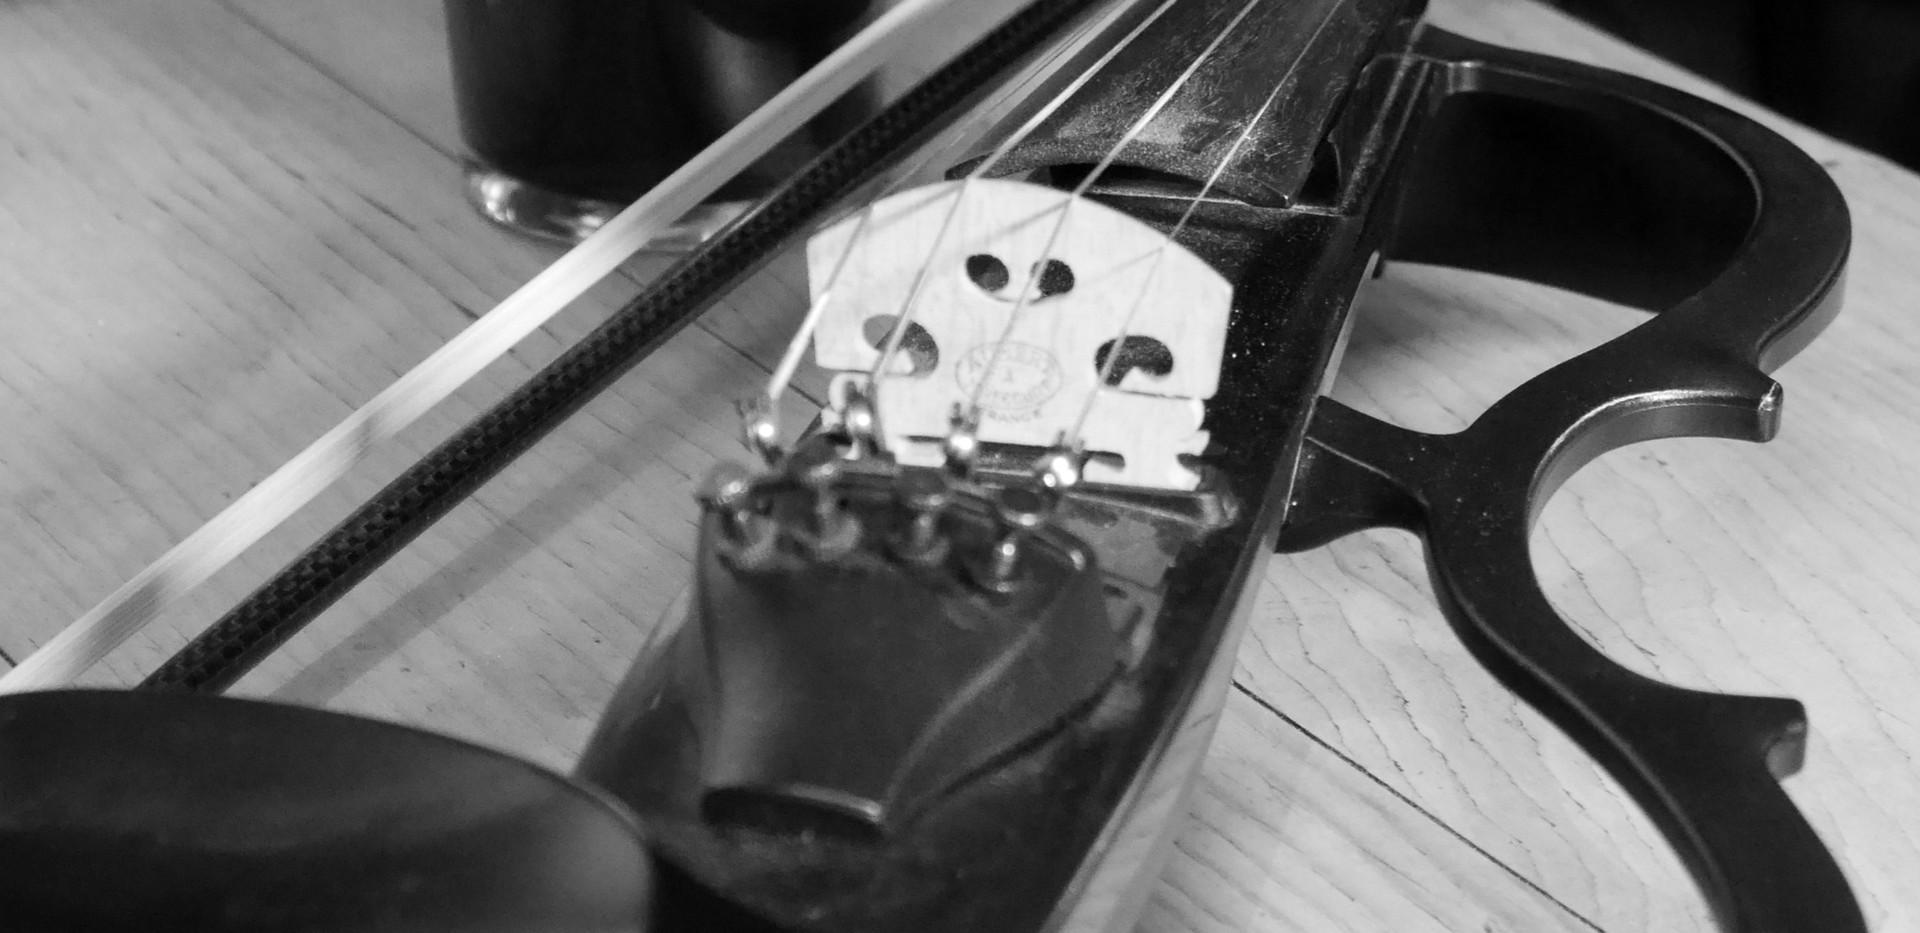 Des's fiddle